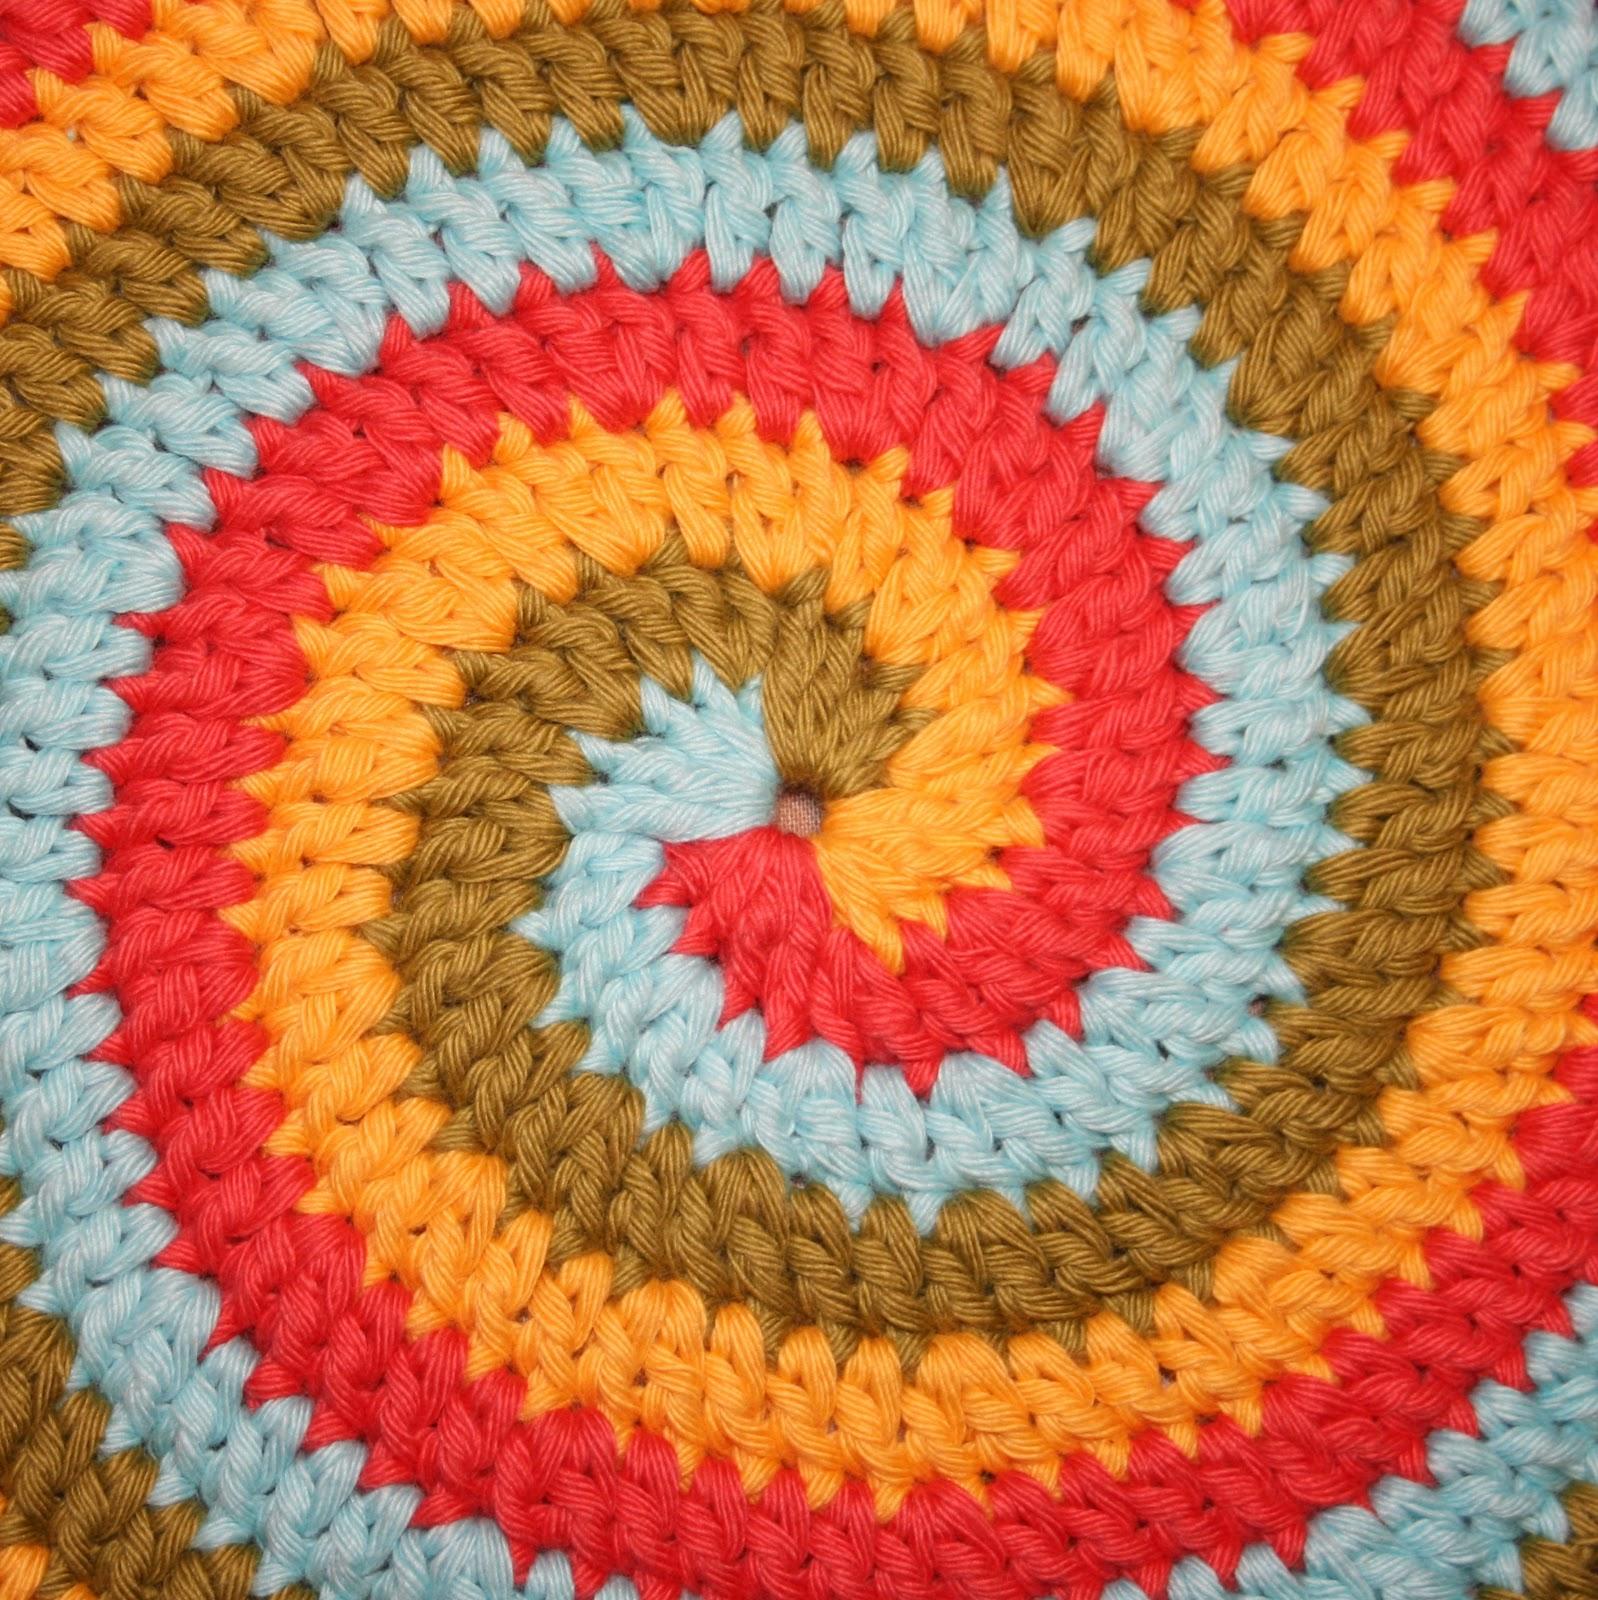 Мастер-класс по вязанию коврика крючком